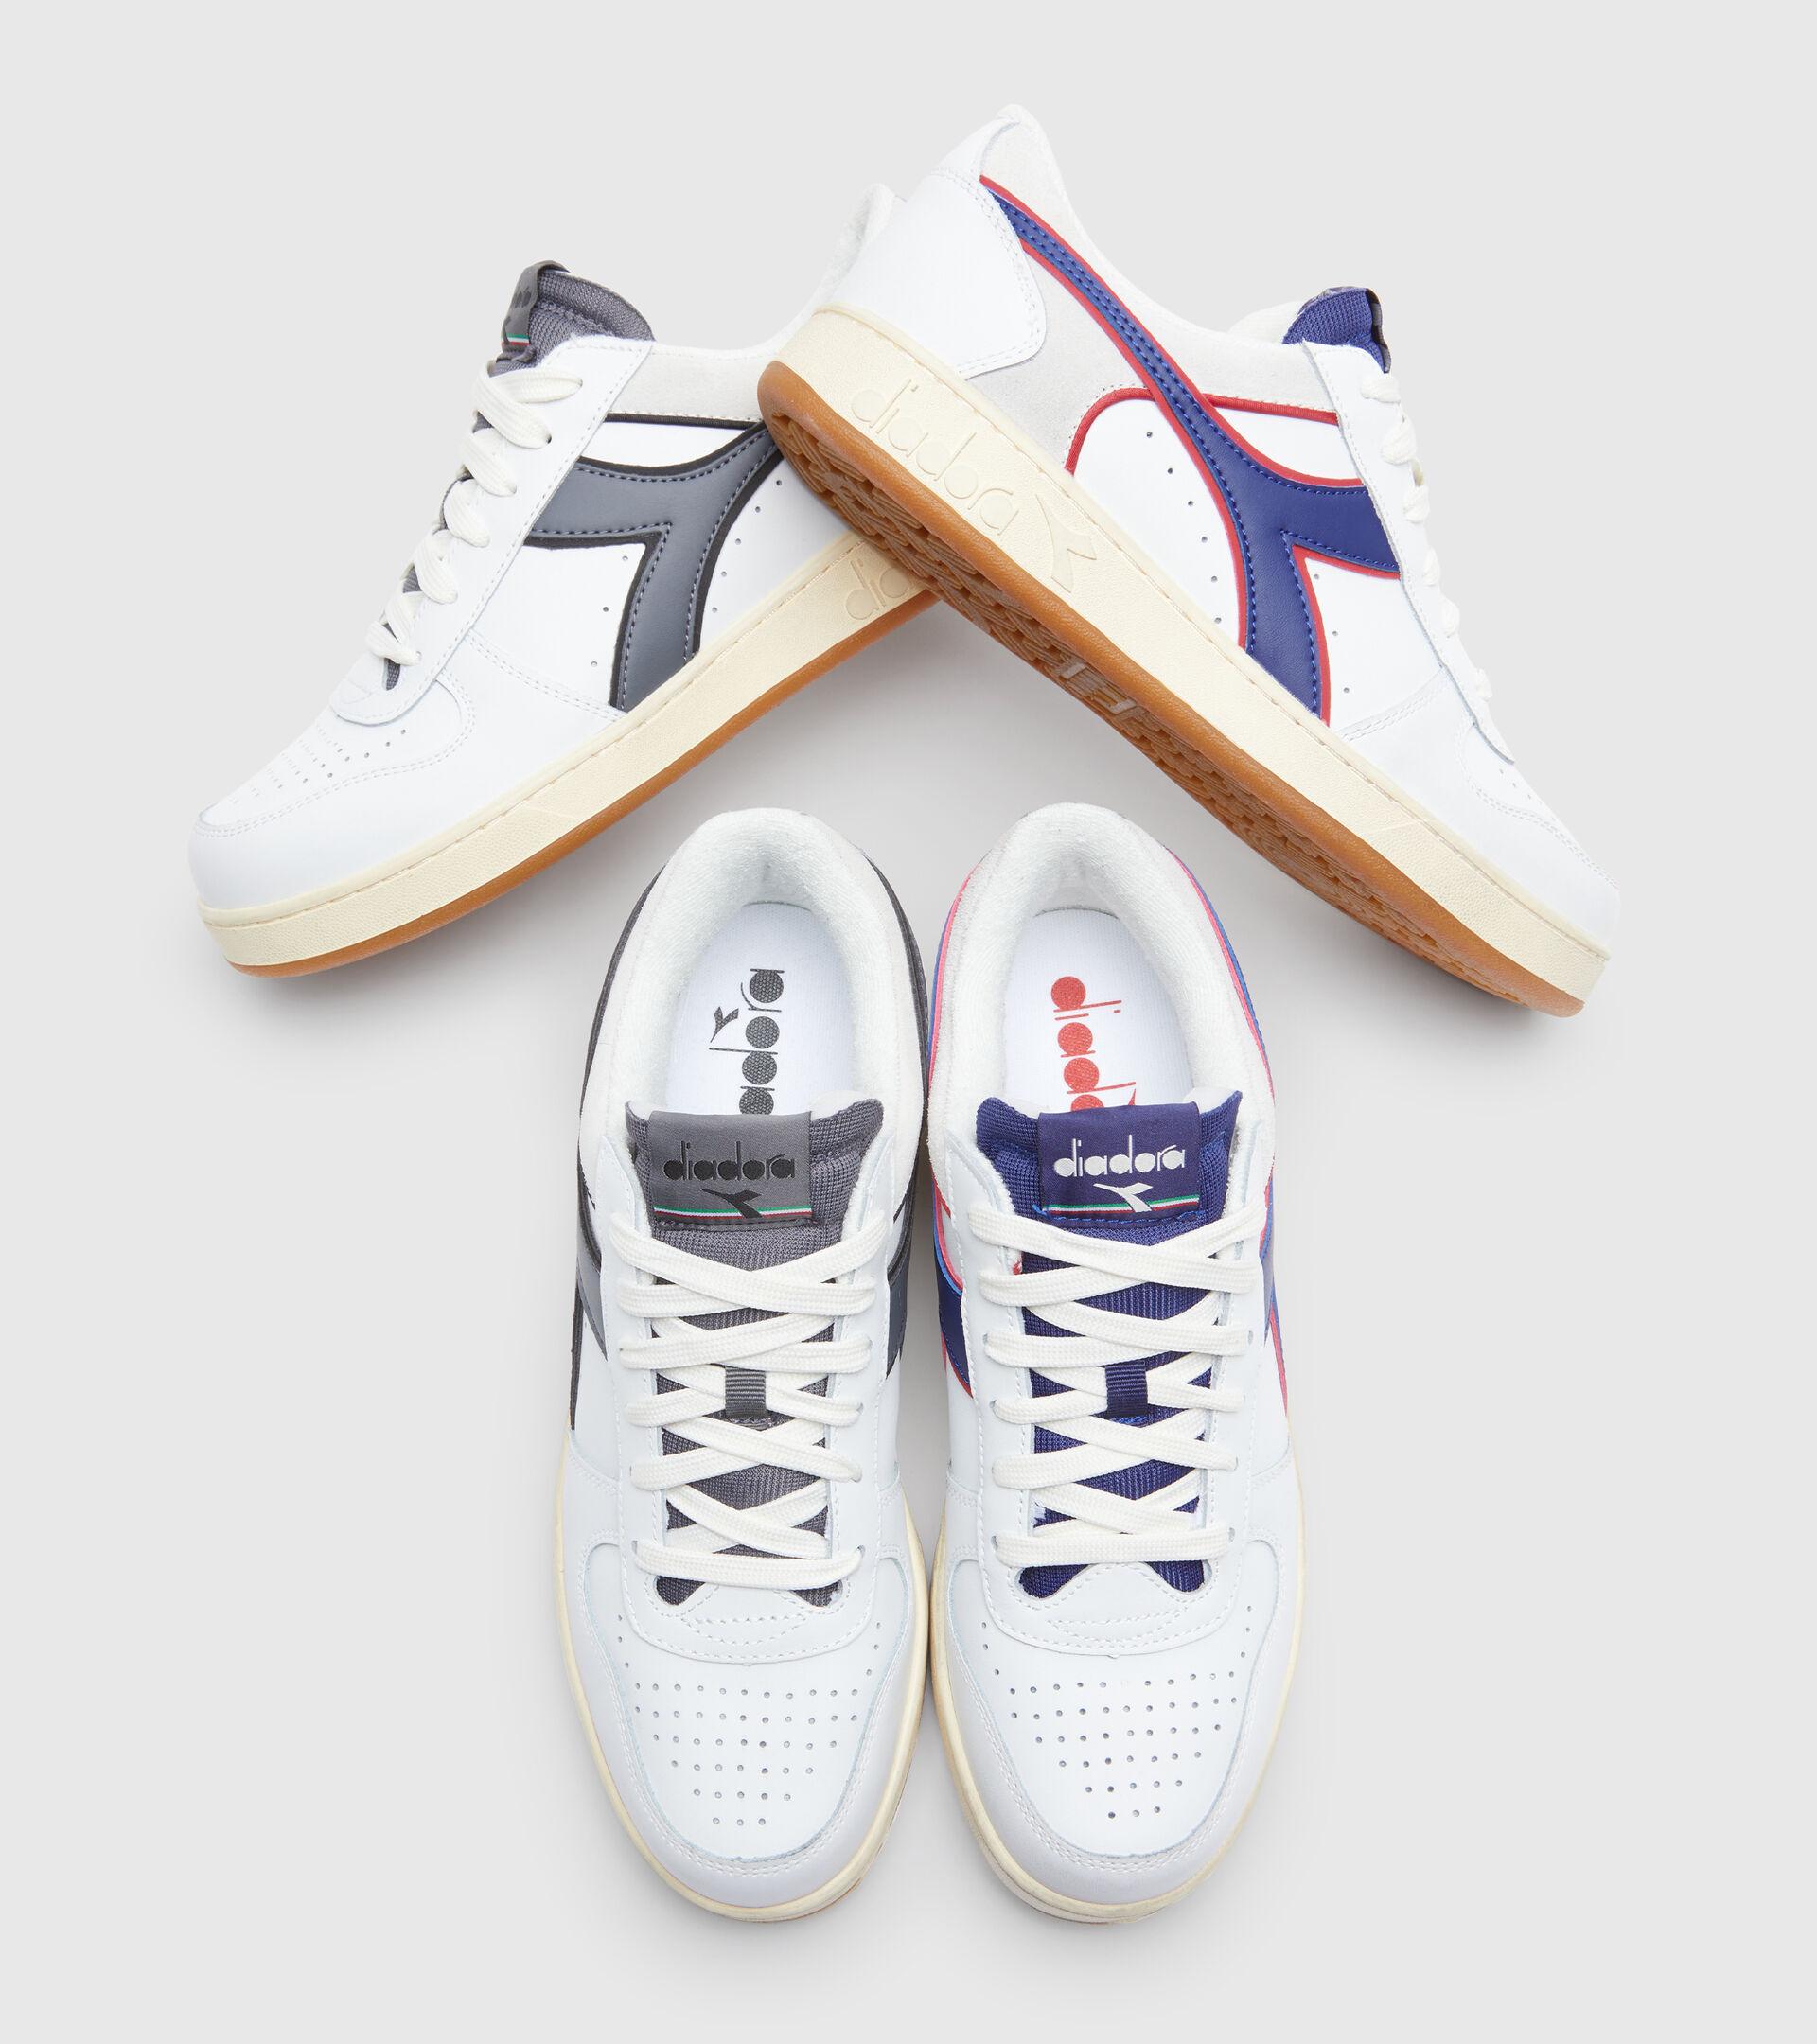 Zapatillas deportivas - Unisex MAGIC BASKET LOW ICONA BIANCO/GRIGIO ACCIAIO - Diadora